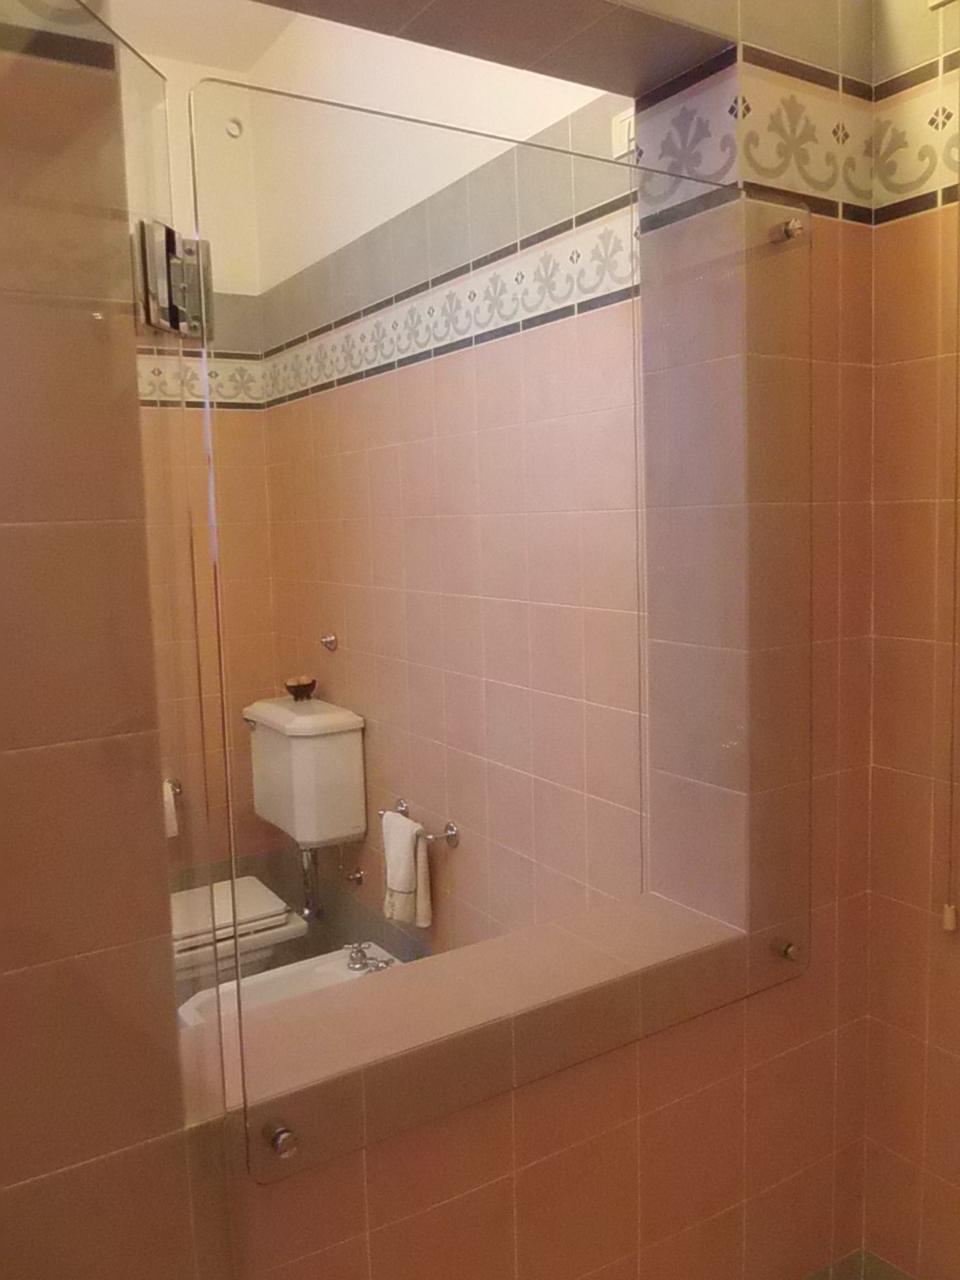 Muretto Doccia Spessore: Lusso box doccia con muretto idee di miglioramento domestico. Doccia ...